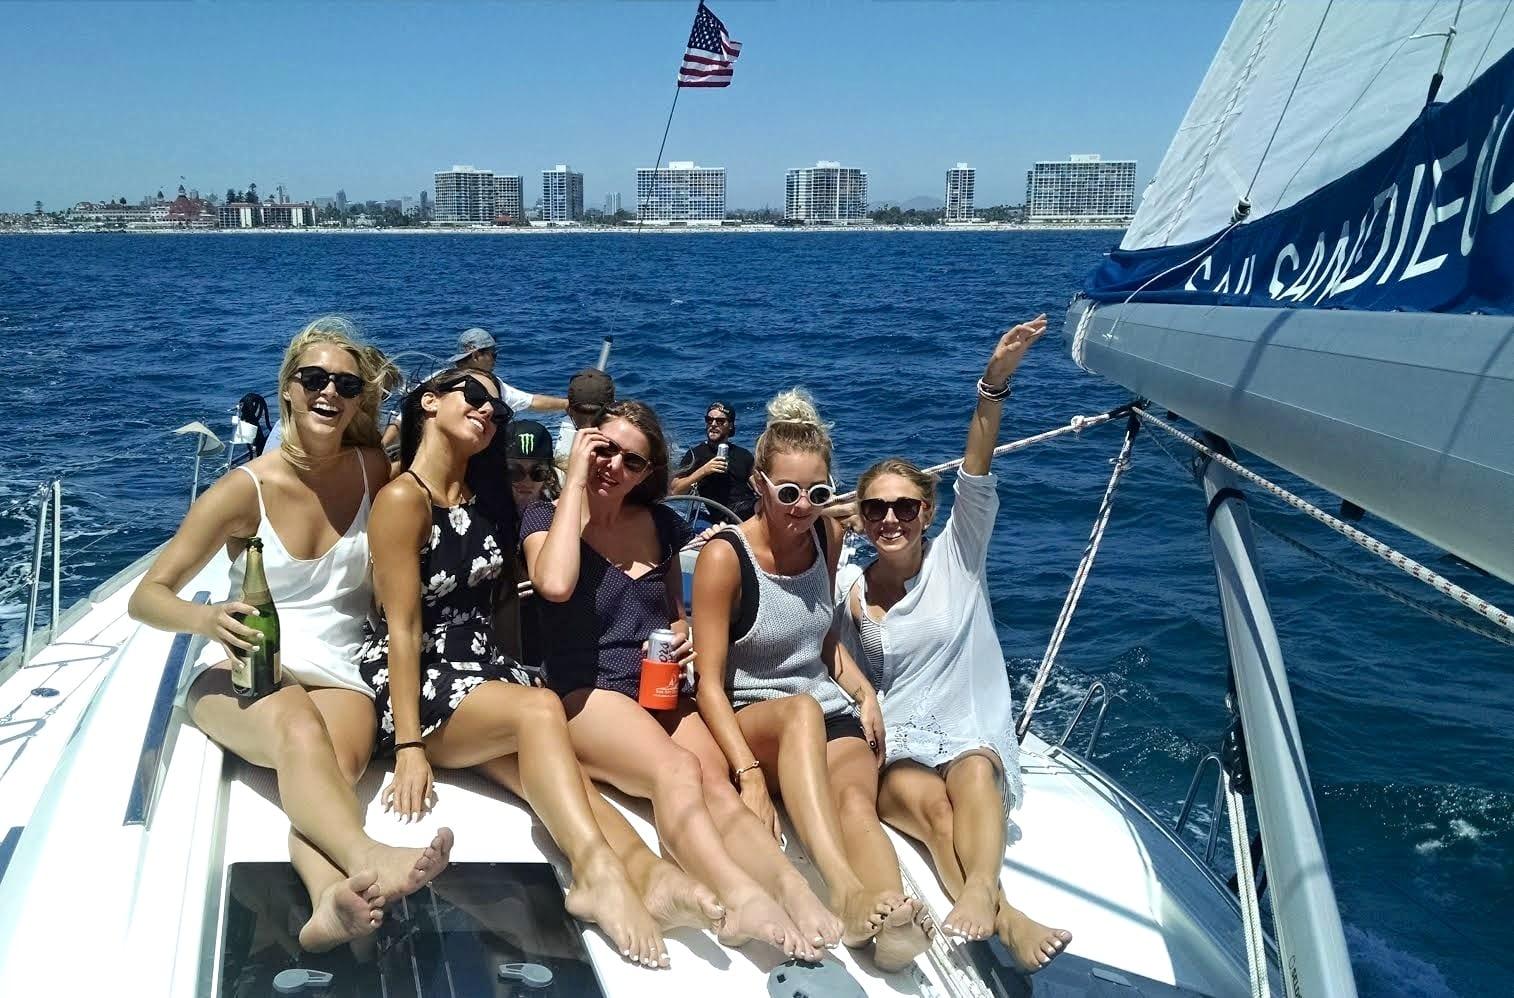 san diego sailing tour